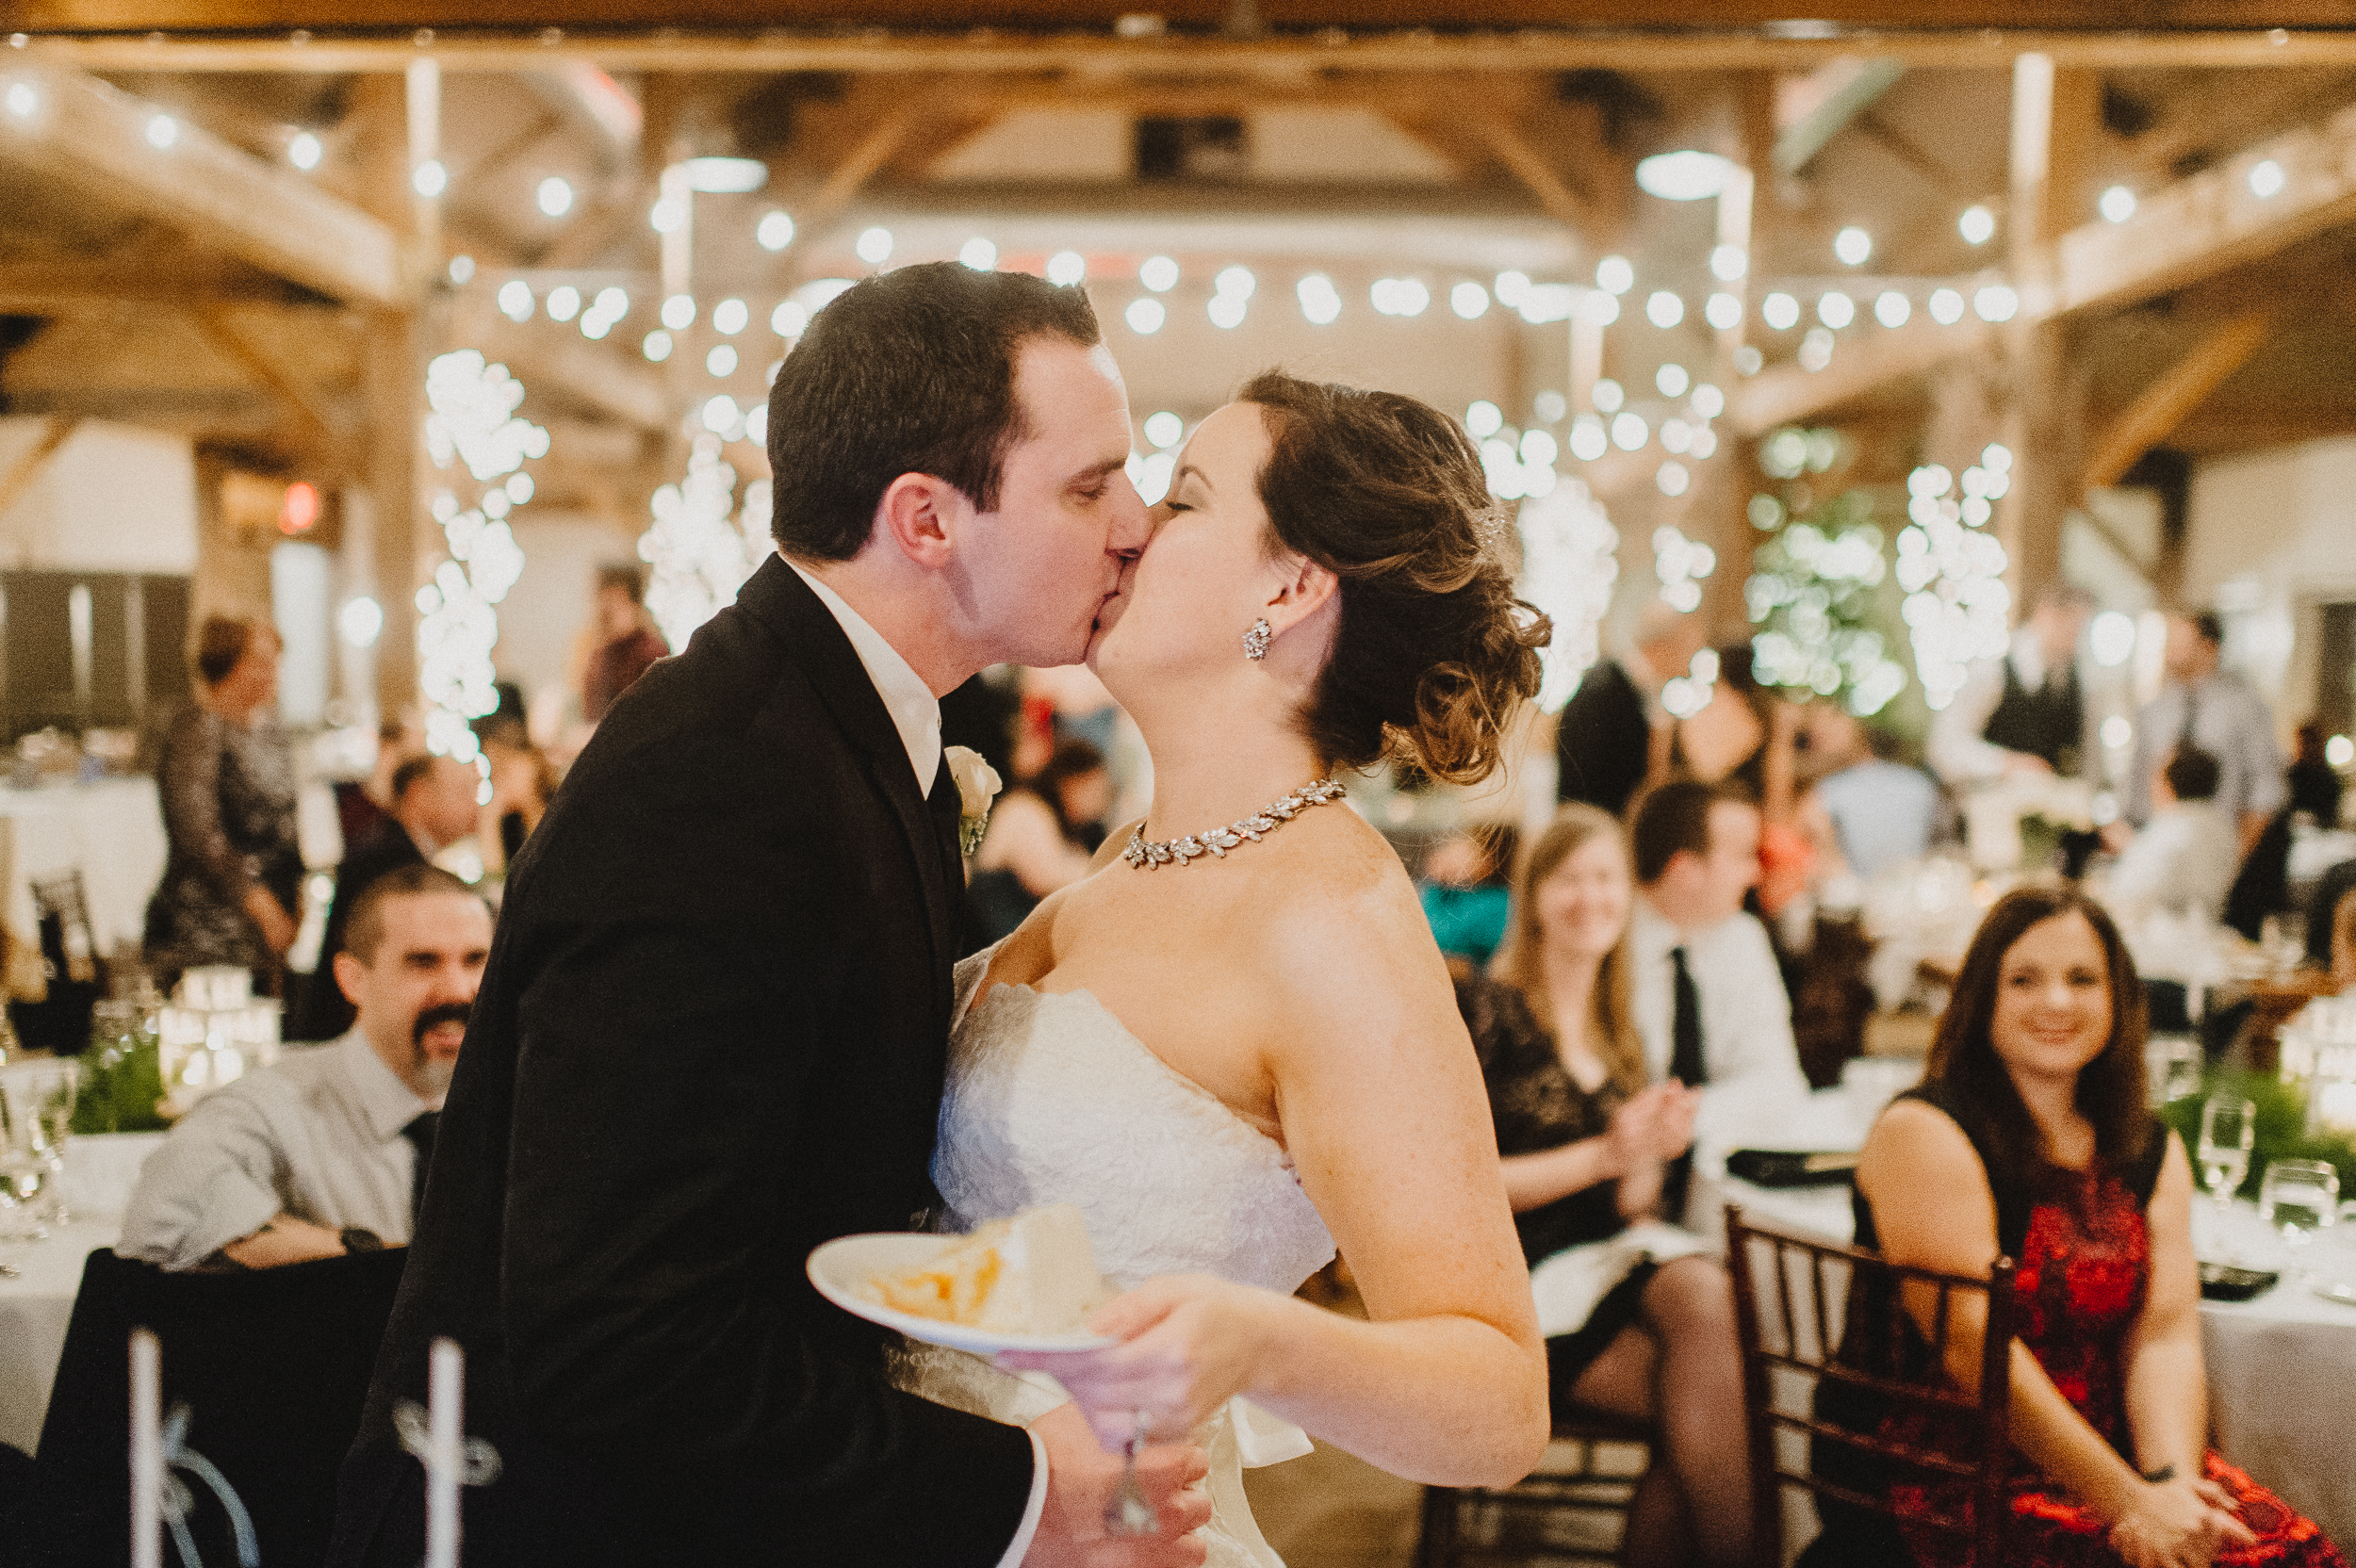 vermont-destination-wedding-photographer-69.jpg